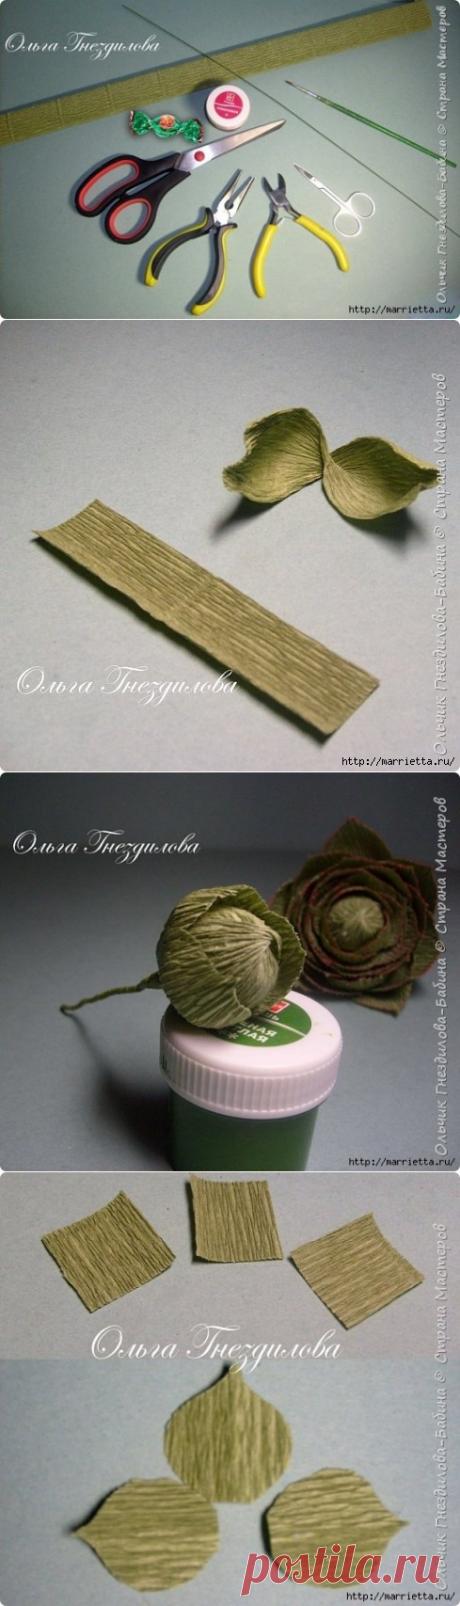 Каменные розы: суккуленты из гофрированной бумаги — Сделай сам, идеи для творчества - DIY Ideas